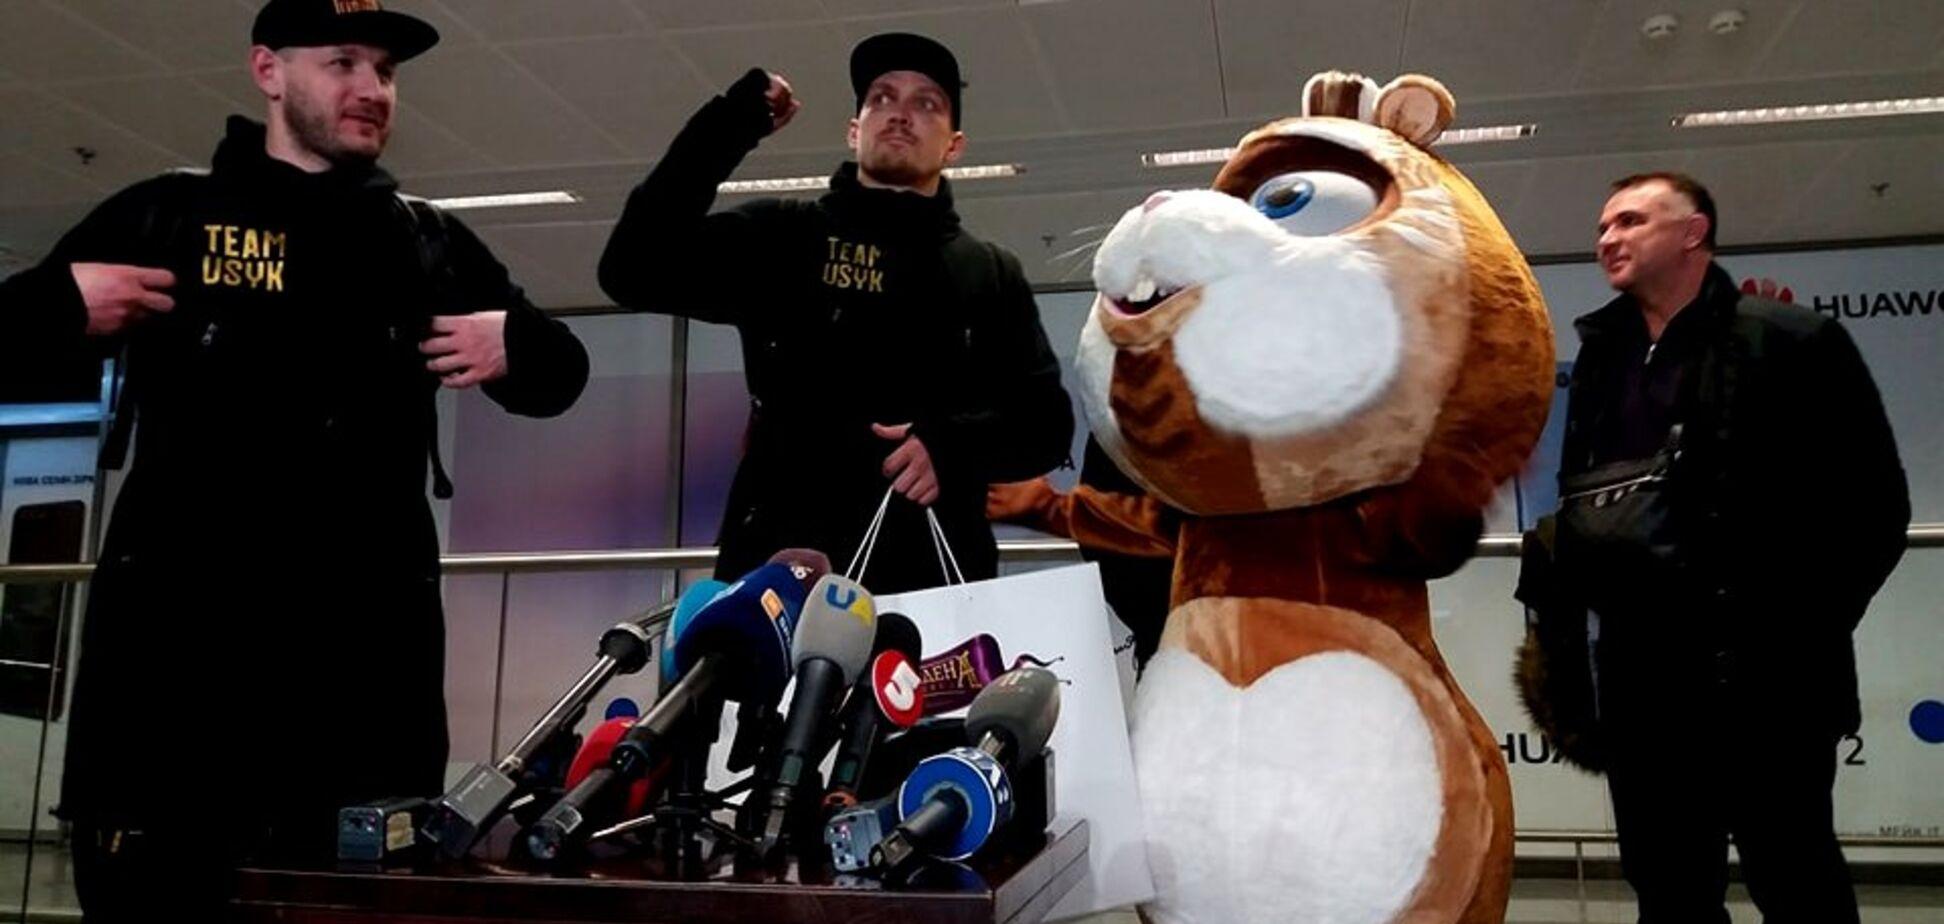 Чемпіон повернувся! Усику влаштували грандіозний прийом по прильоту до Києва: опубліковано відео